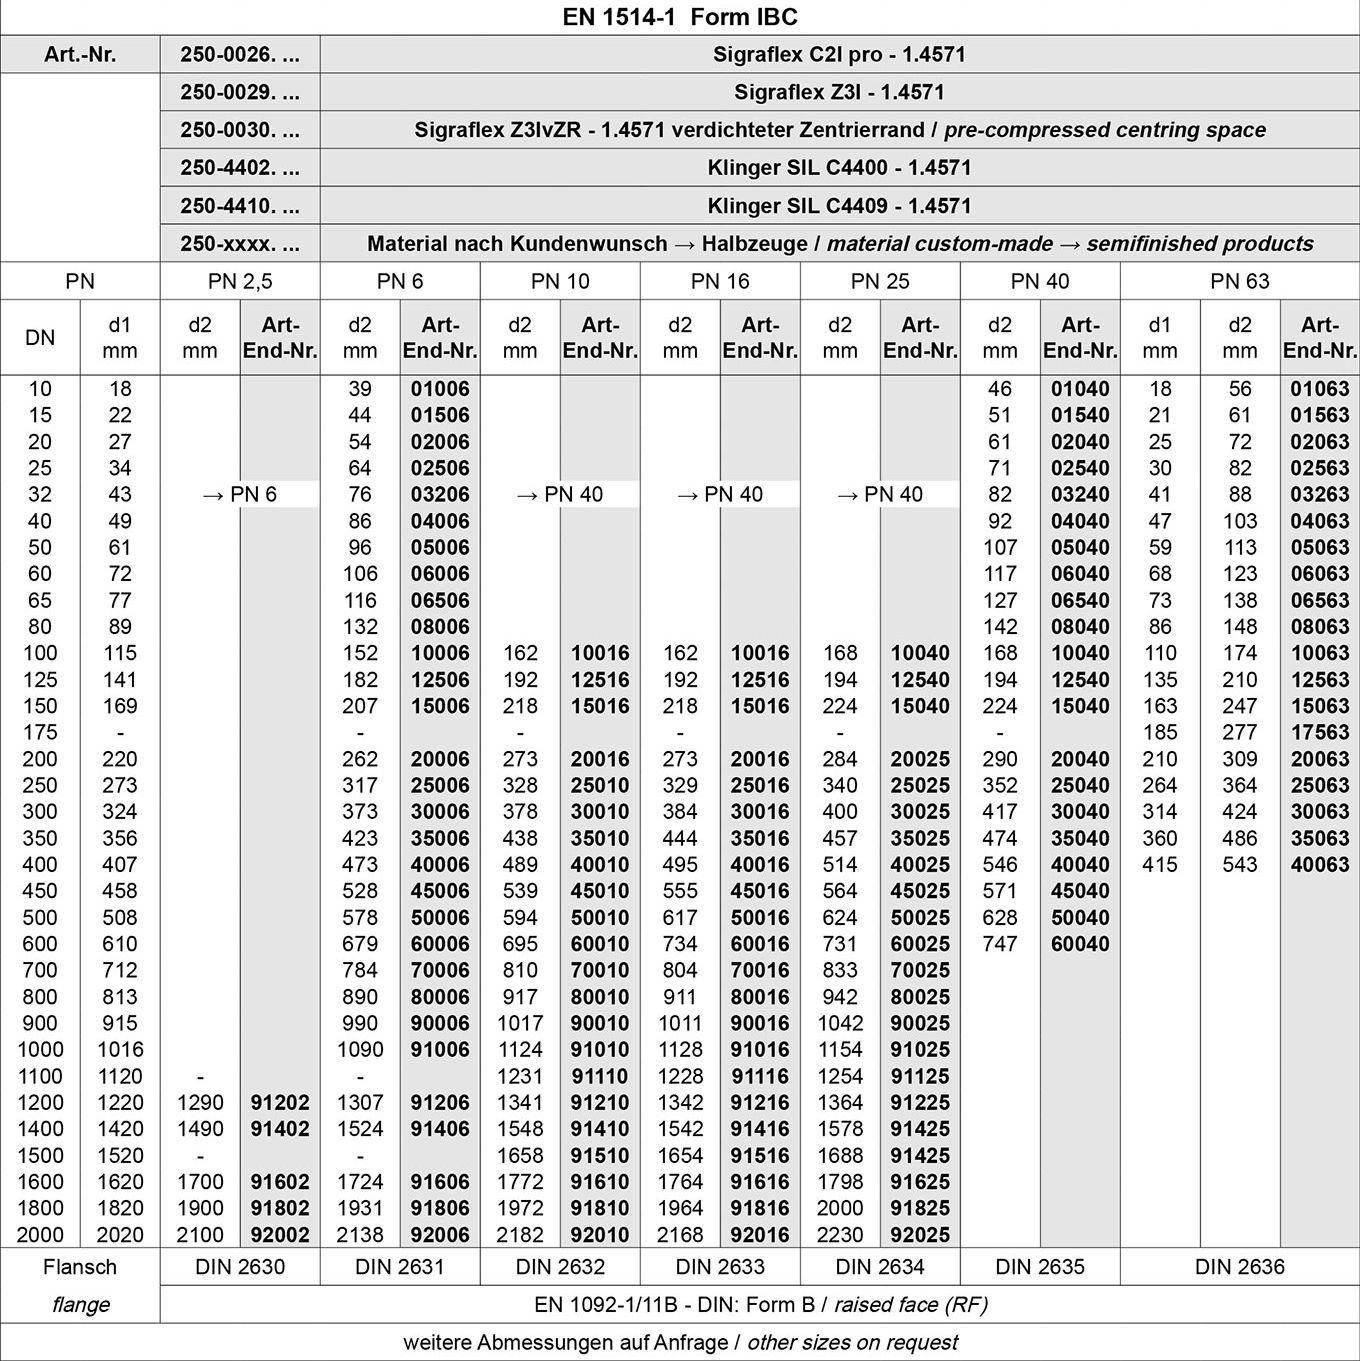 Tabelle DT Dichtungs-Technik GmbH, Dichtungstechnik, DT, Bremen, Schläuche, Armaturen, Dichtungen, Dichtringe, Profile, Dichtungen, ohne, Schraubenlöcher, Flachdichtungen, IBC, Flanschdichtfläche, Dichtleiste, Bördeldichtungen, Edelstahl, Innenbördel, Flachdichtungen, Form, FF, EN 1514-2, DIN 24154, DIN 82331, 86071, 86072, ASME B 16.21 Bördeldichtungen, Dichtungsplatten, Halbzeuge, Frenzelit, Klinger Sil, Sigraflex, Victor Reinz, Kautschuk, Dichtungen, Glattblech, Aramidfasern, Grafit, Spießblech, Graphit